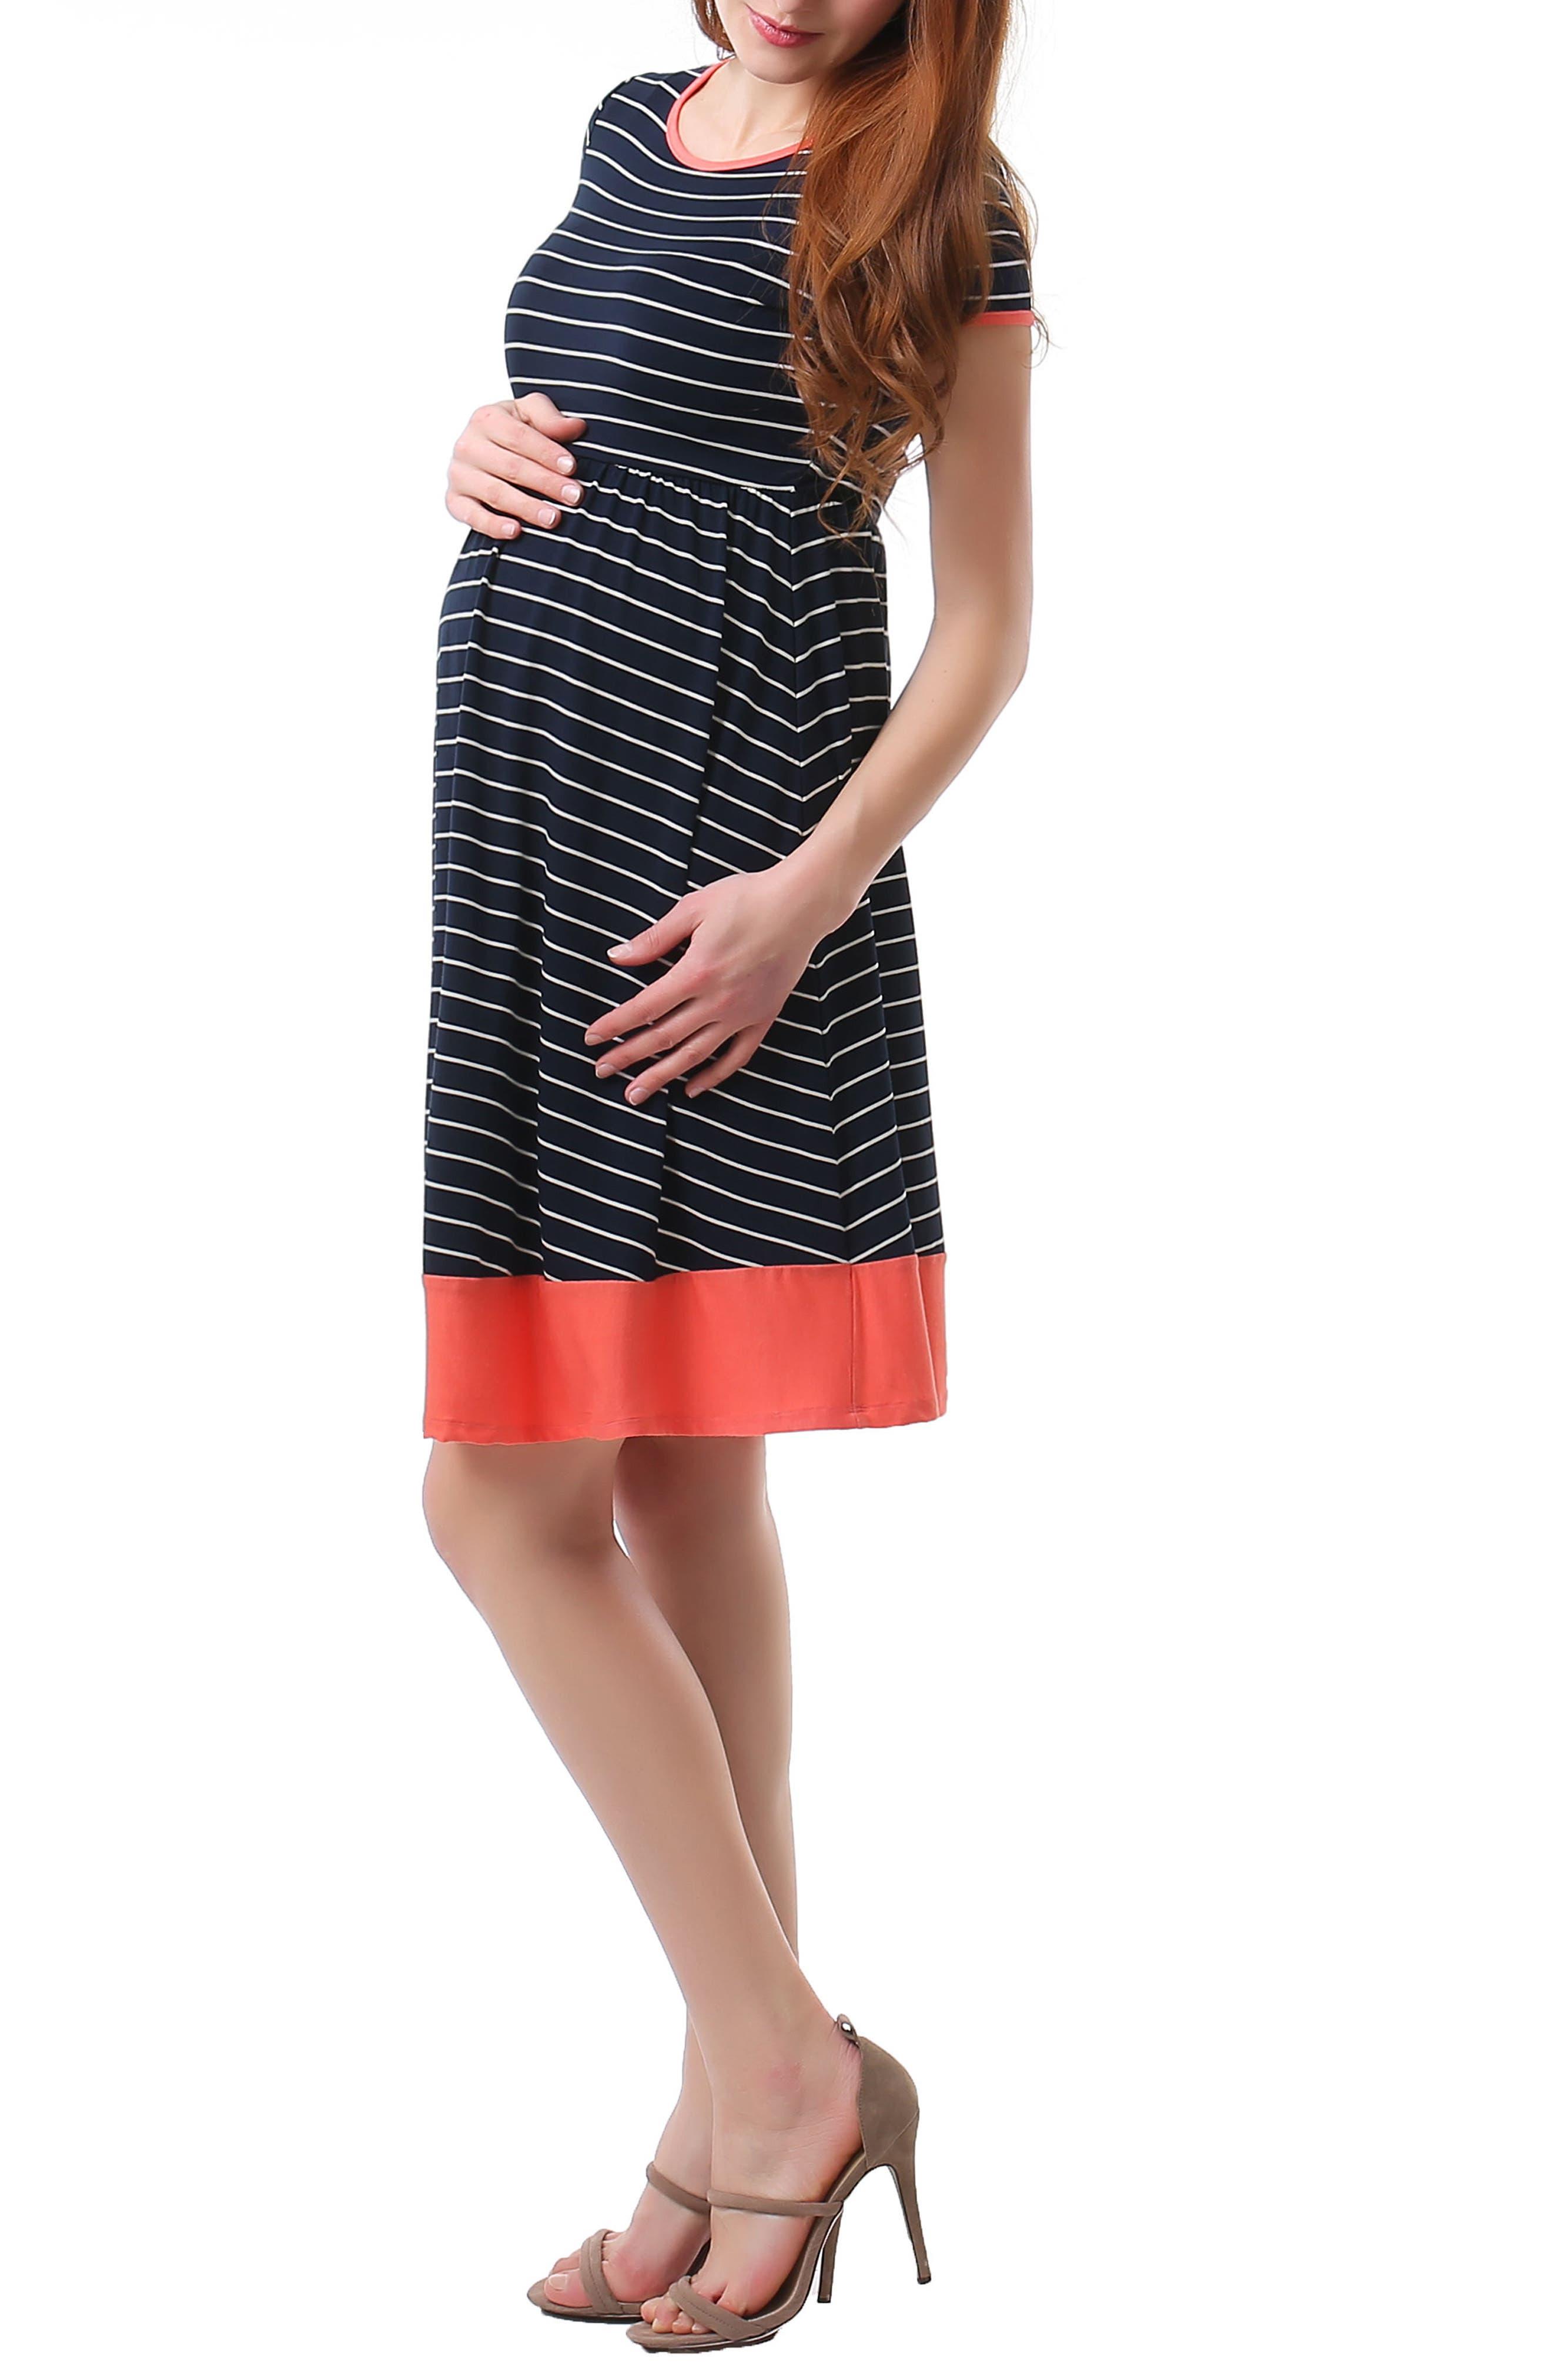 Kira Stripe Maternity Skater Dress,                             Alternate thumbnail 4, color,